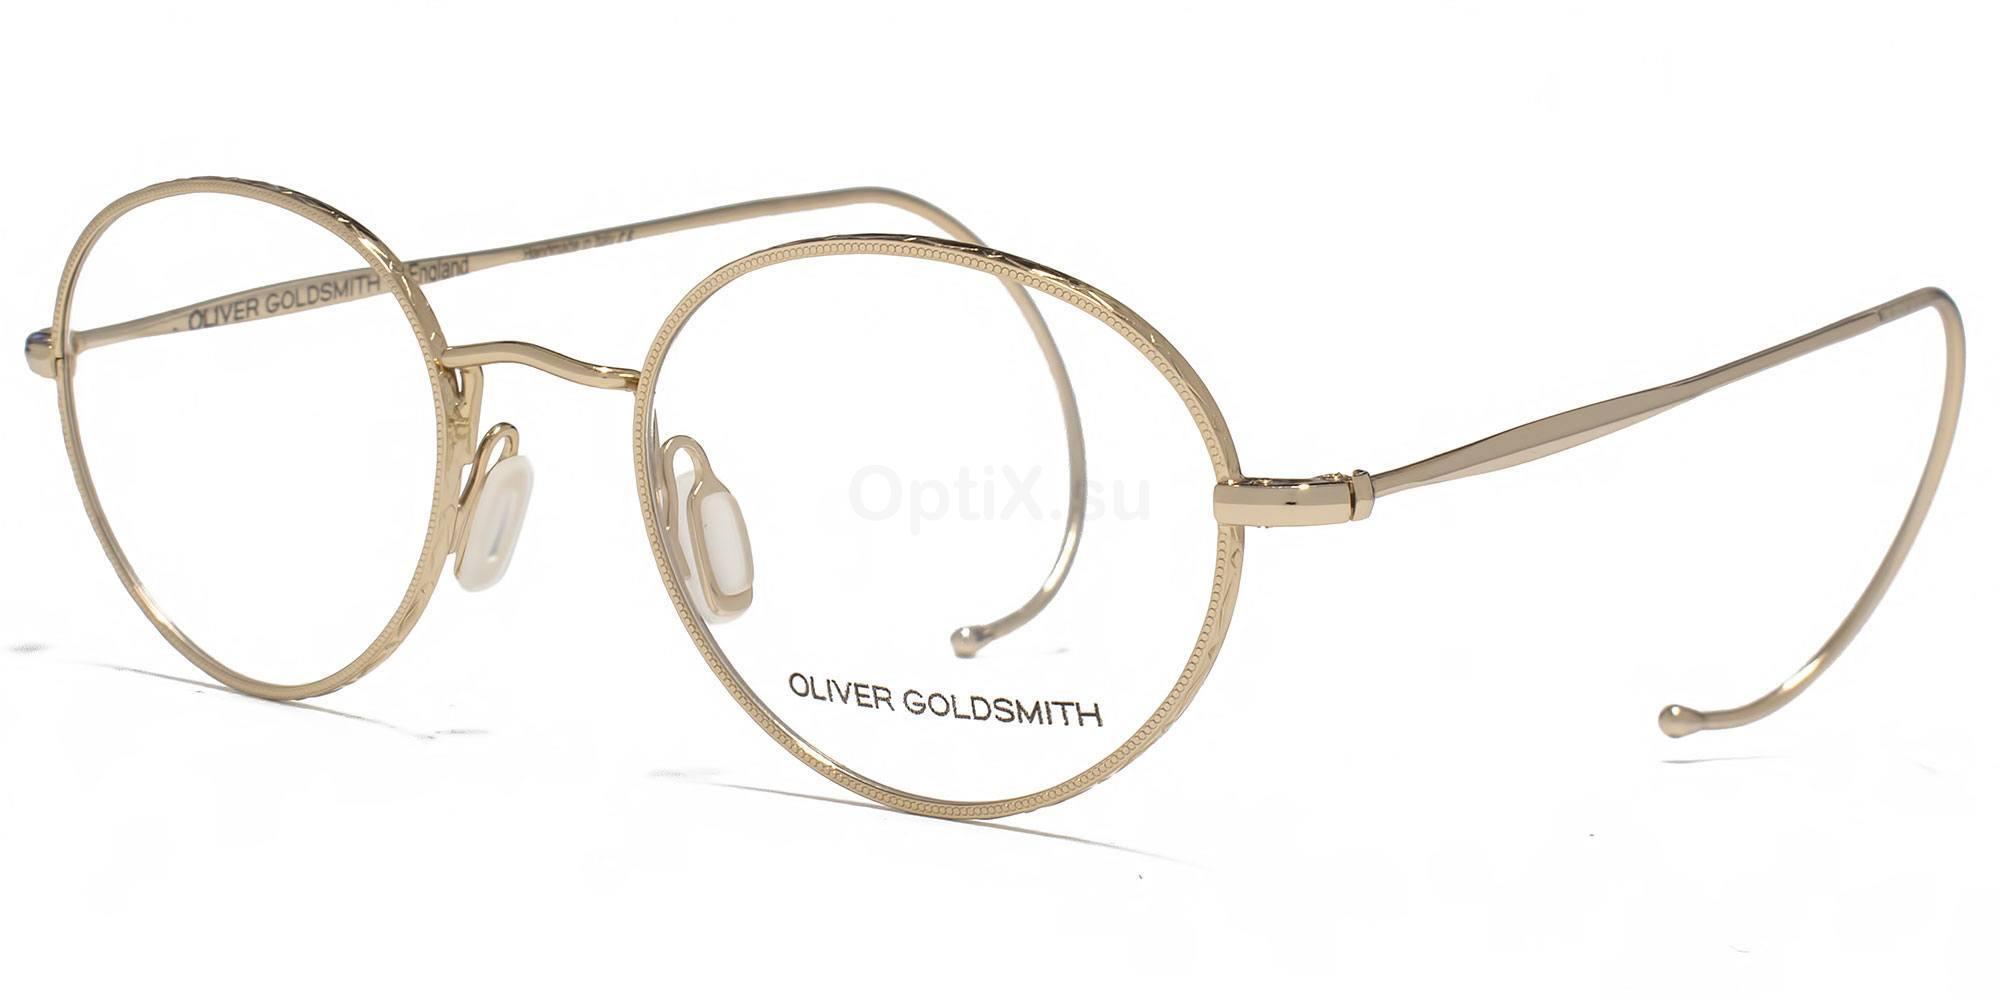 01 OLI001 - CHARLIE , Oliver Goldsmith